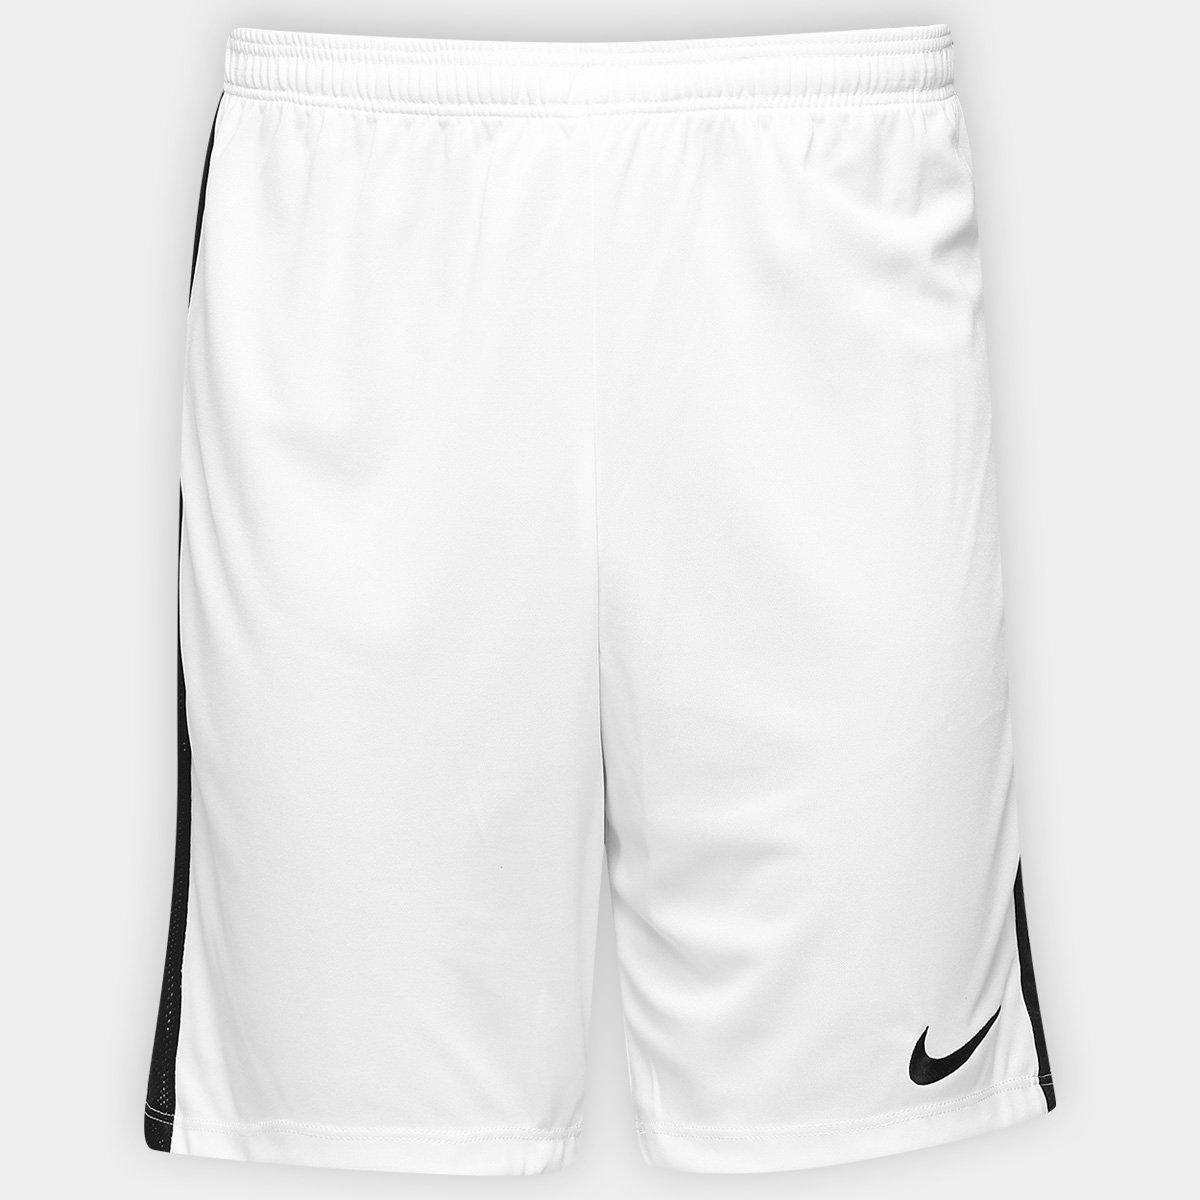 Calção Nike Dry Academy Masculino - Branco e Preto - Compre Agora ... 18b543a94caac